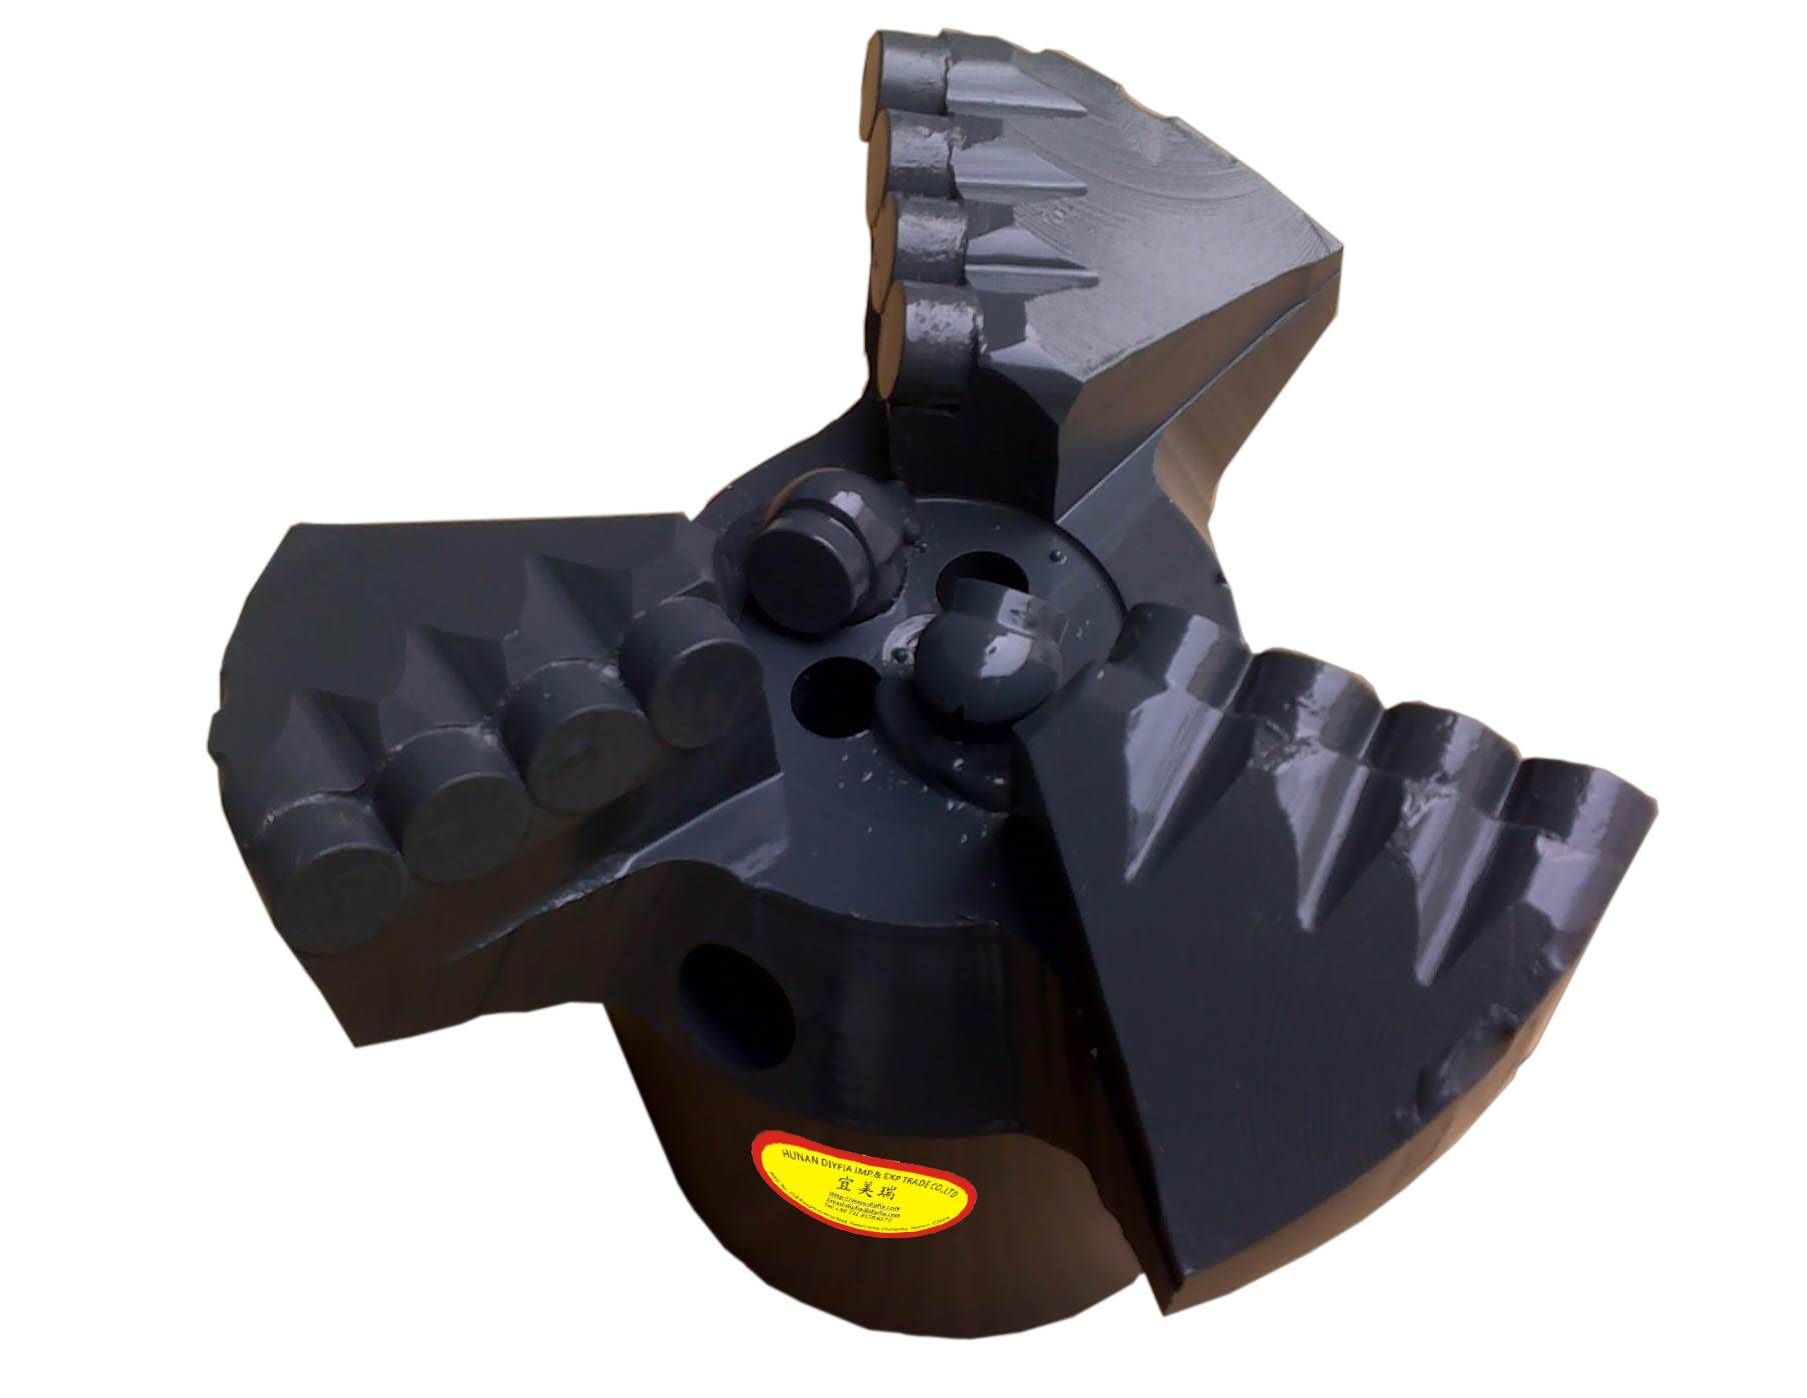 PDC Diamond Drill Bit/ PDC tricone drill bit/ Open hole drill bit/ Rock drill tool